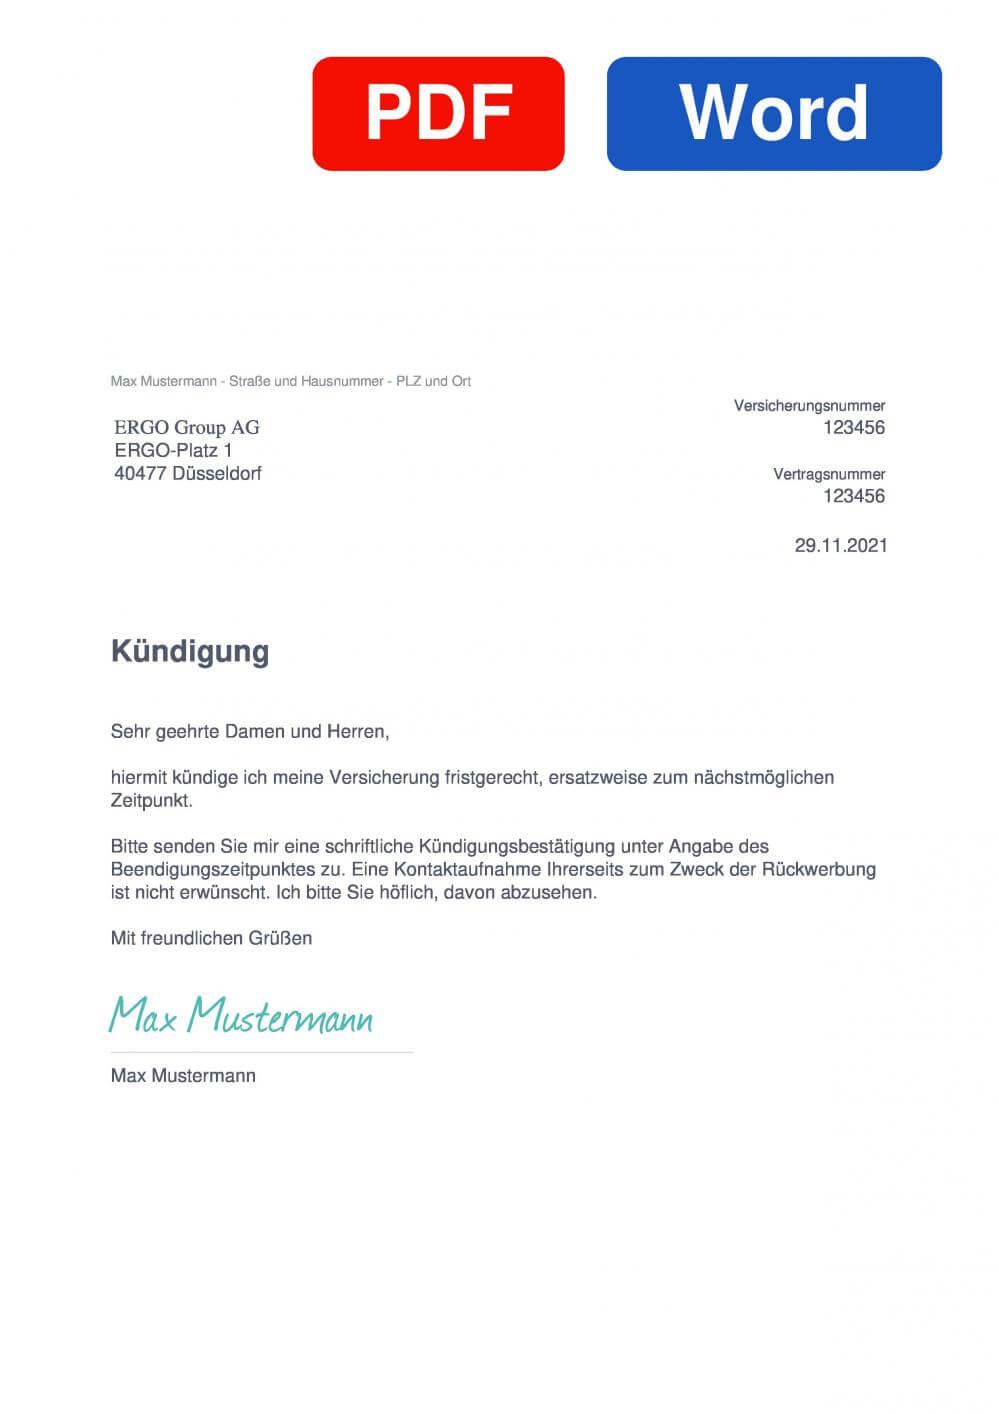 ERGO Schutzbrief Muster Vorlage für Kündigungsschreiben